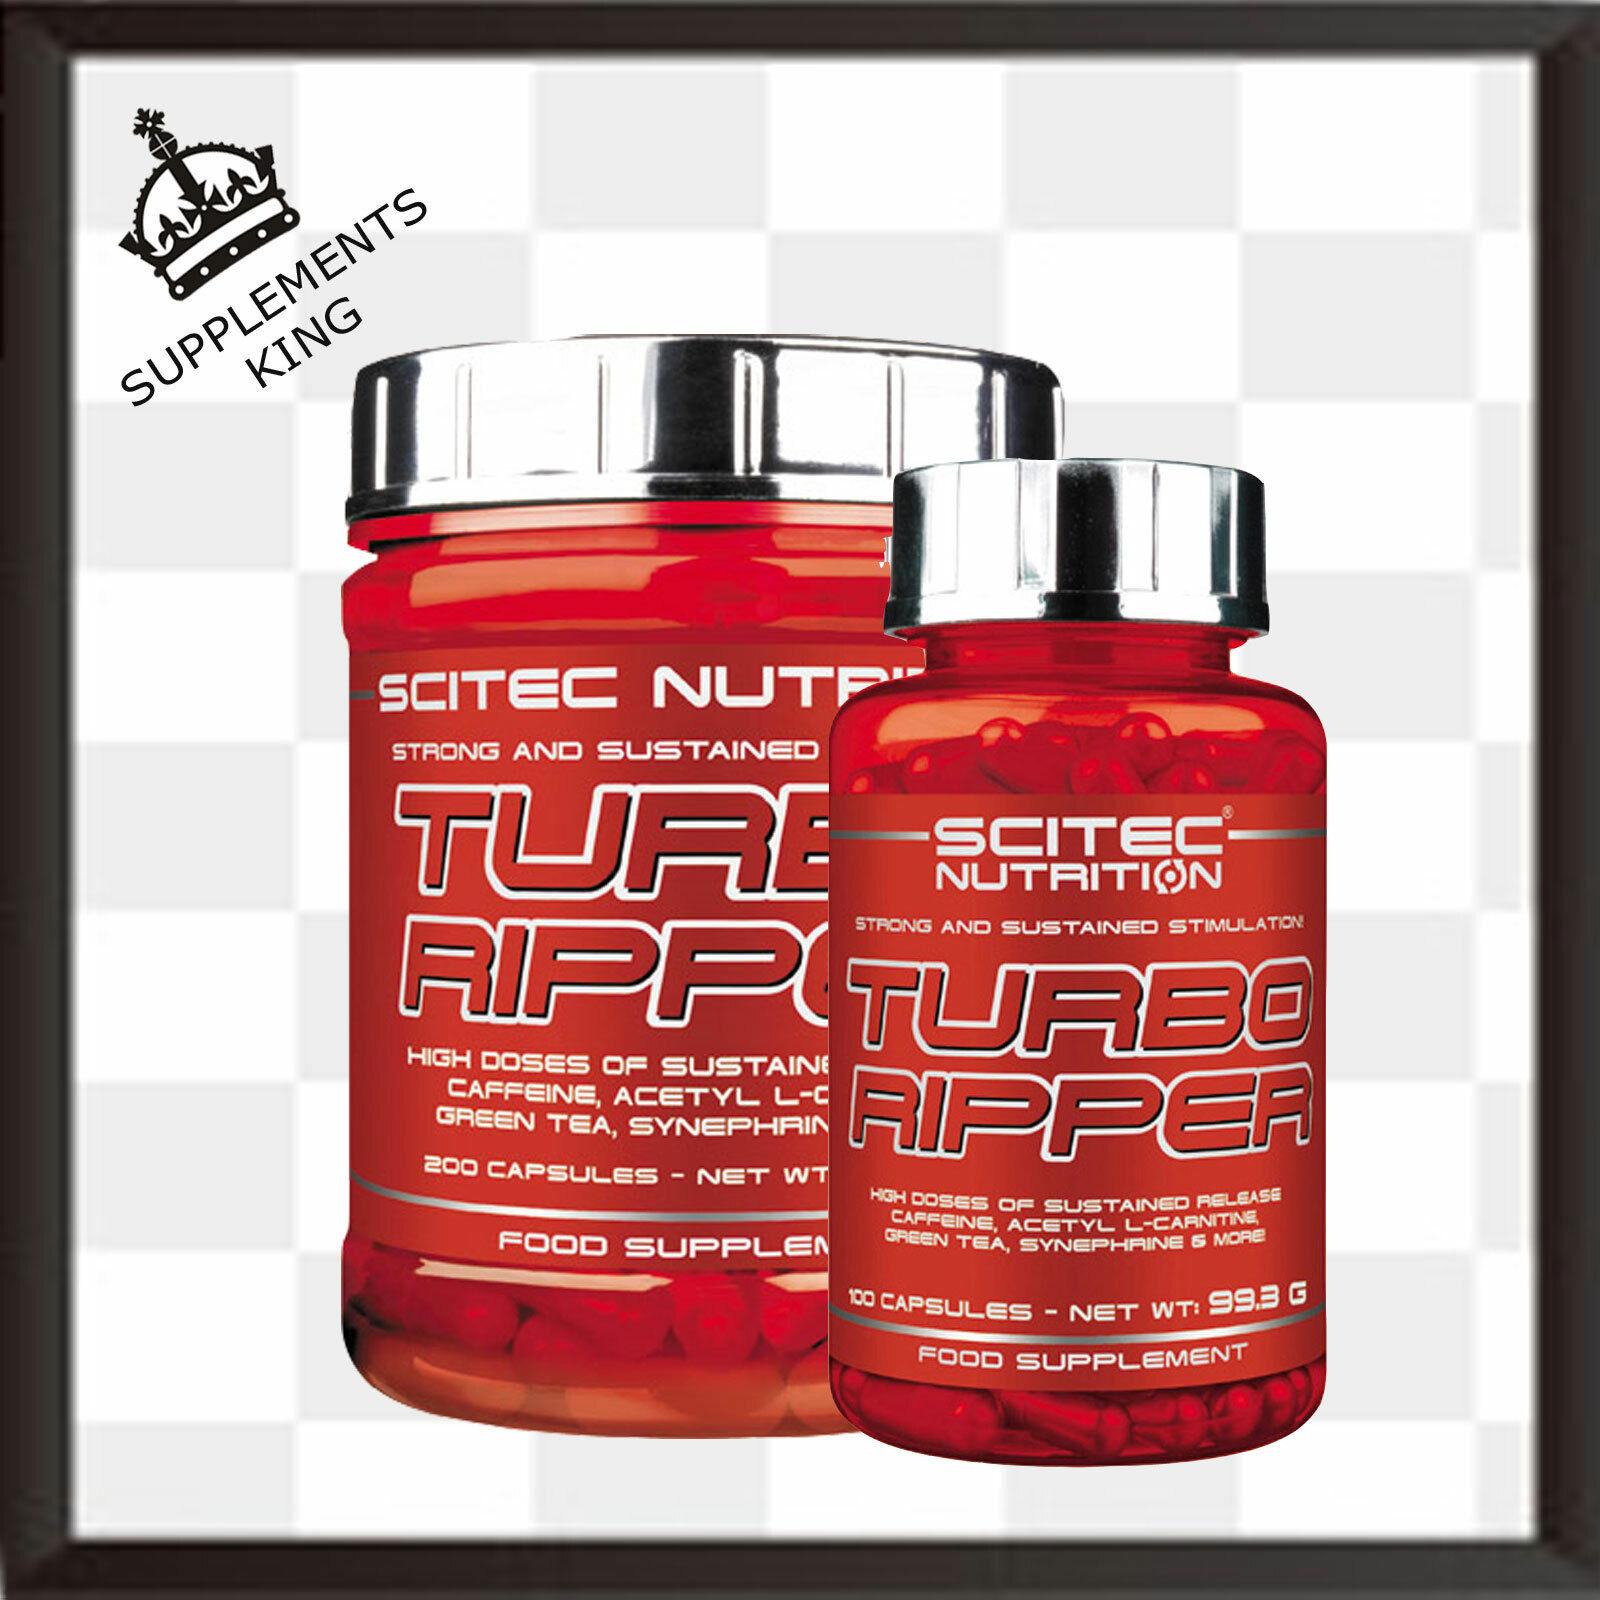 turbo cuts review burner fat